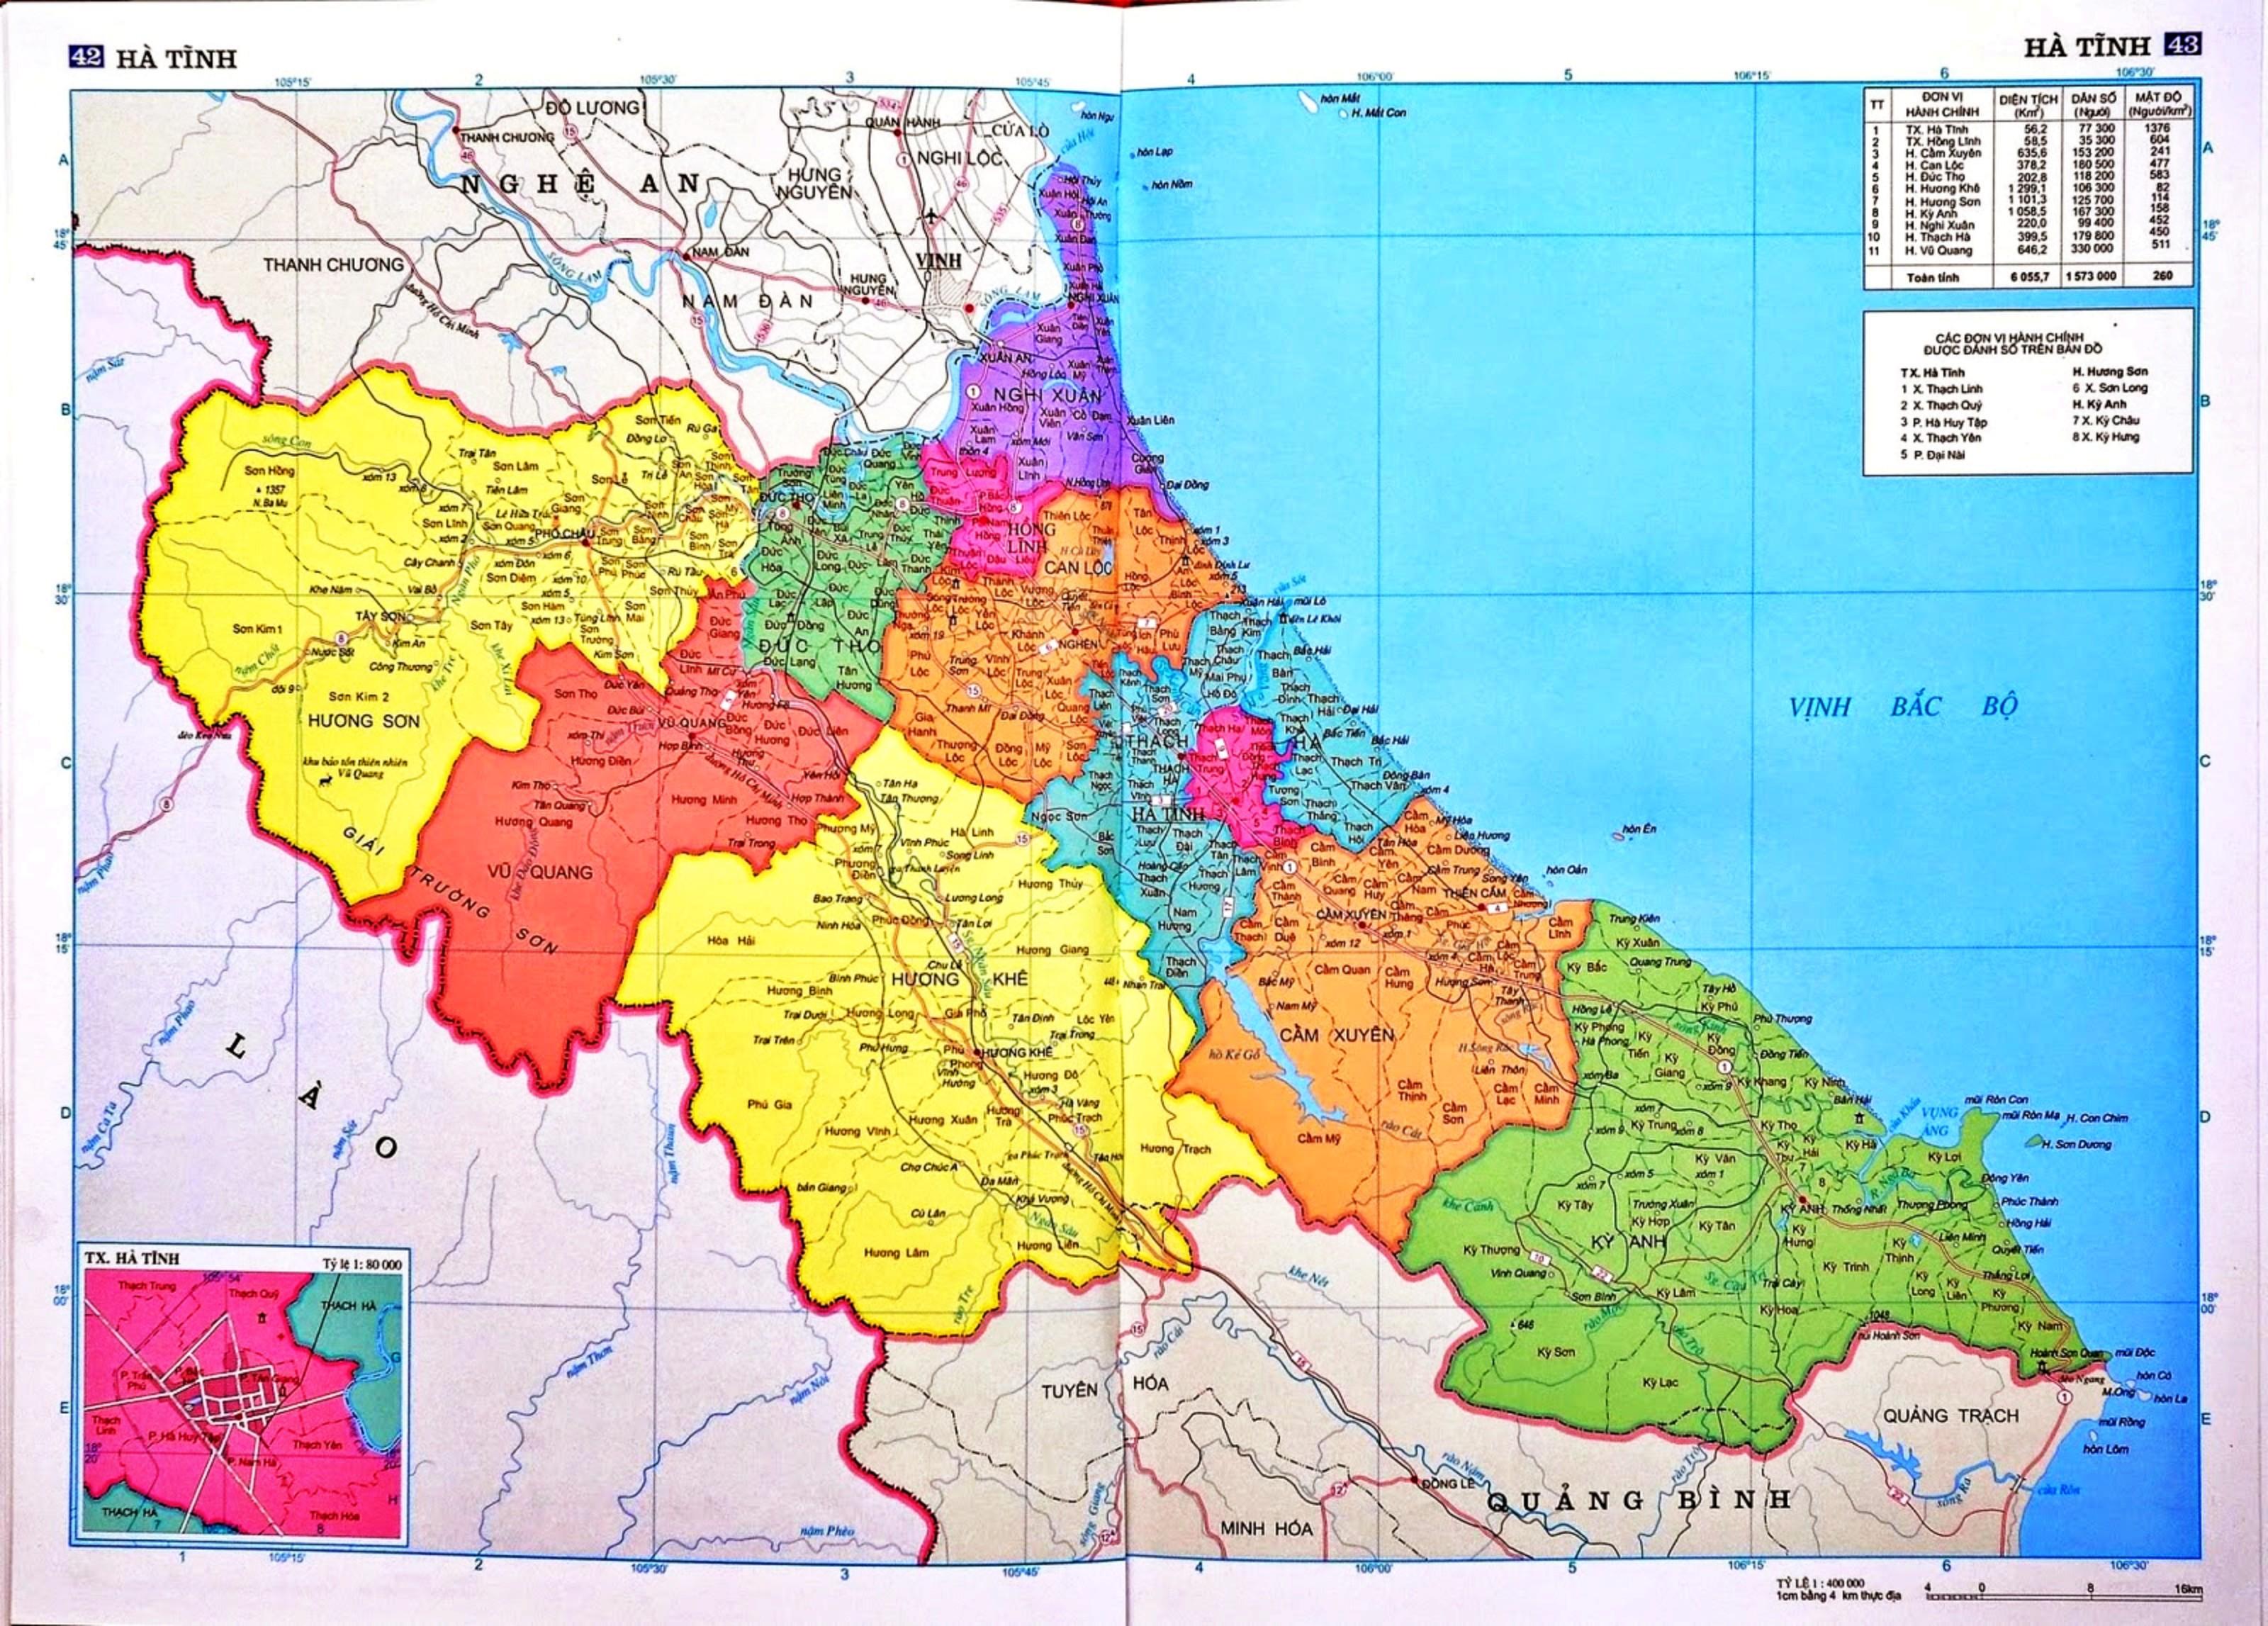 Bản đồ tỉnh Hà Tĩnh các xã, huỵện, thành phố khổ lớn